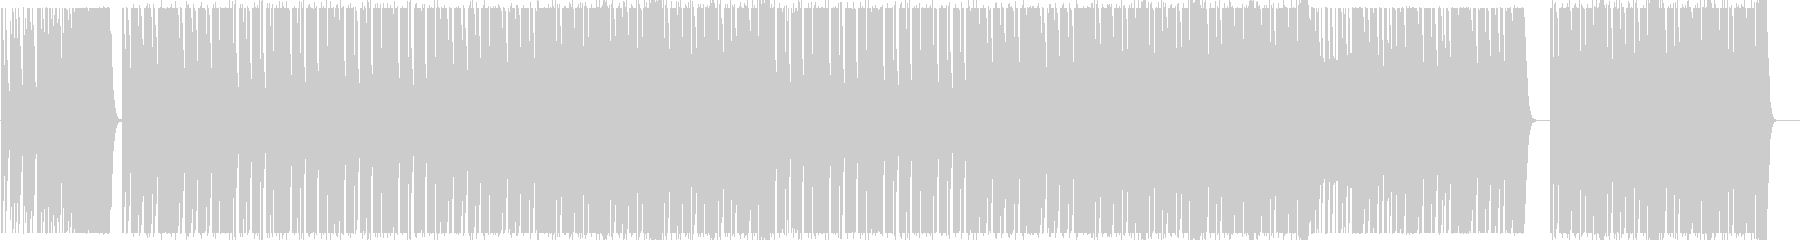 マフィア/オーケストラ/ヒップホップの未再生の波形